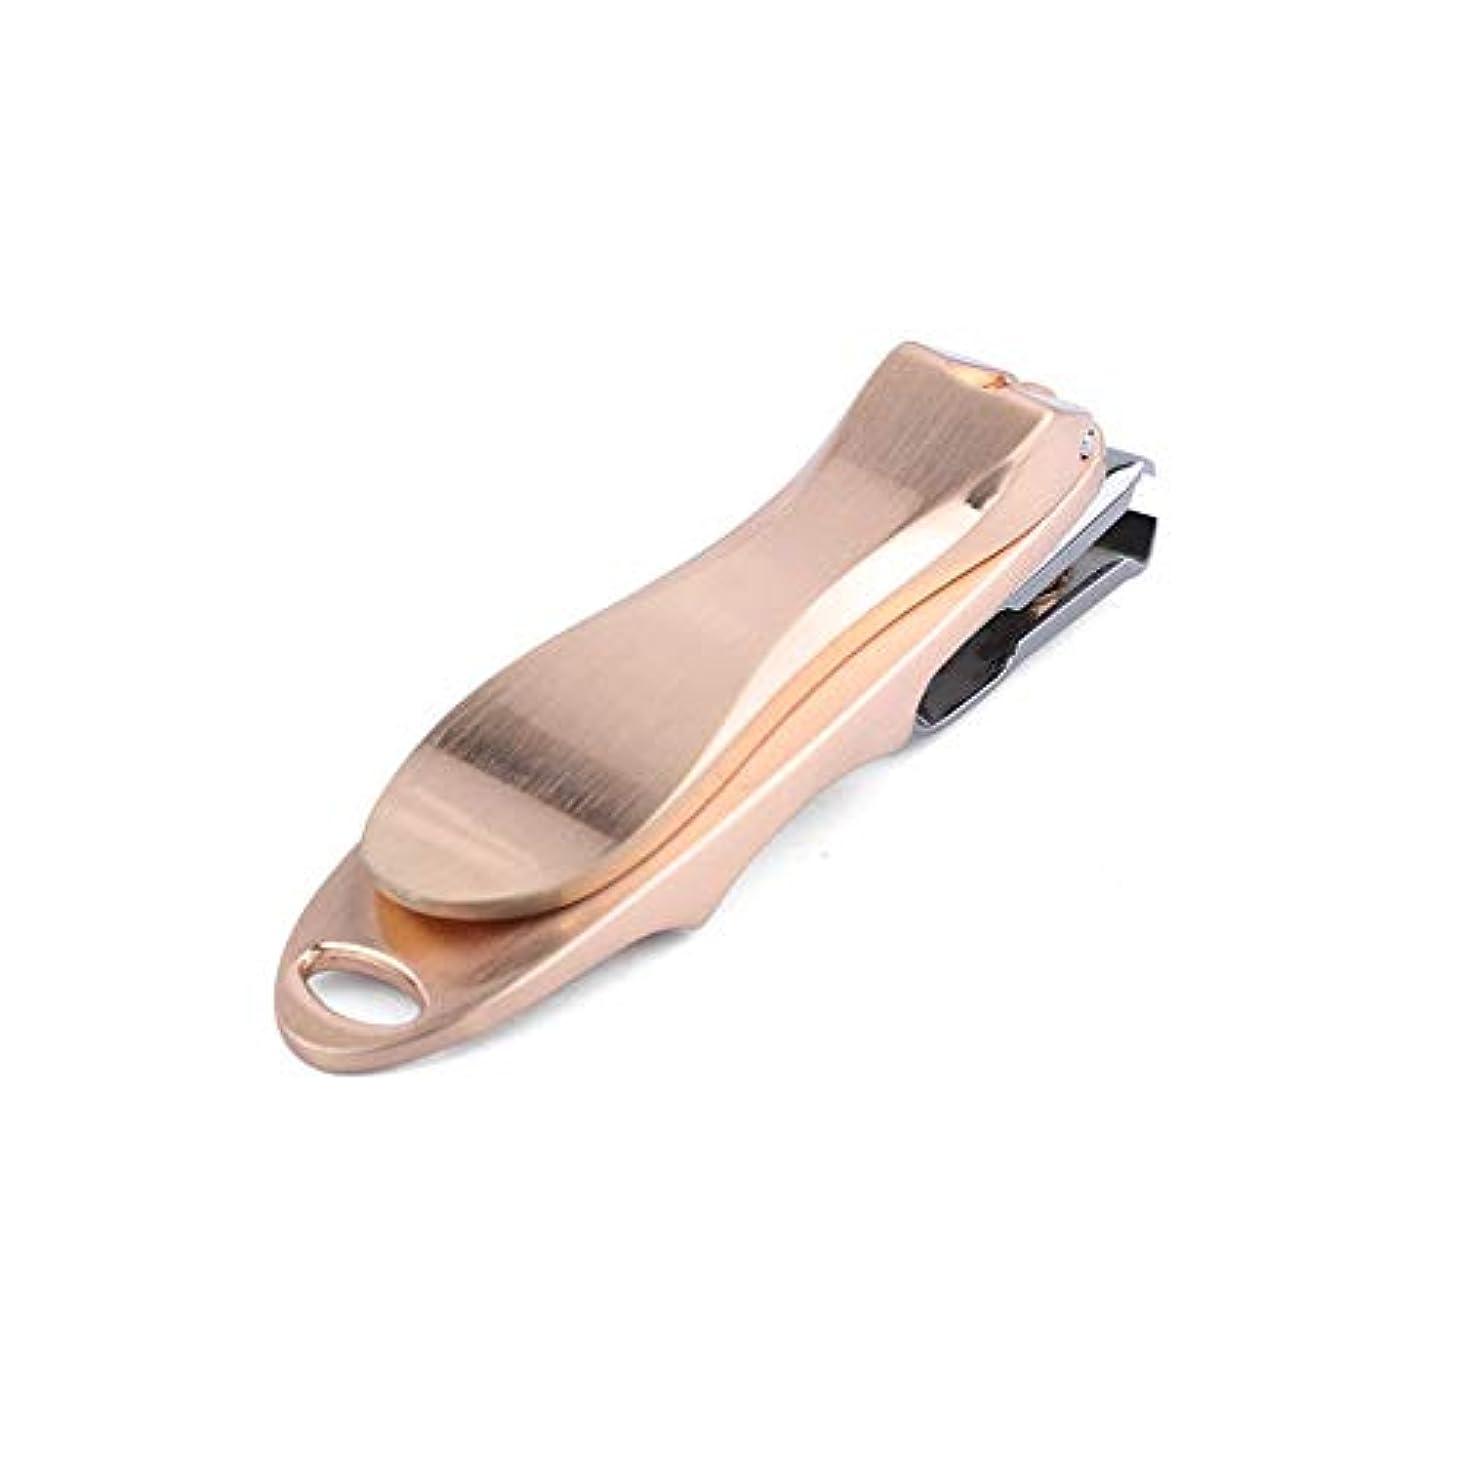 ブルーベルアクティビティいつでも360度回転爪切り 飛び散らない ステンレス製爪きり高級感溢れる収納ケース付き、ゴールド